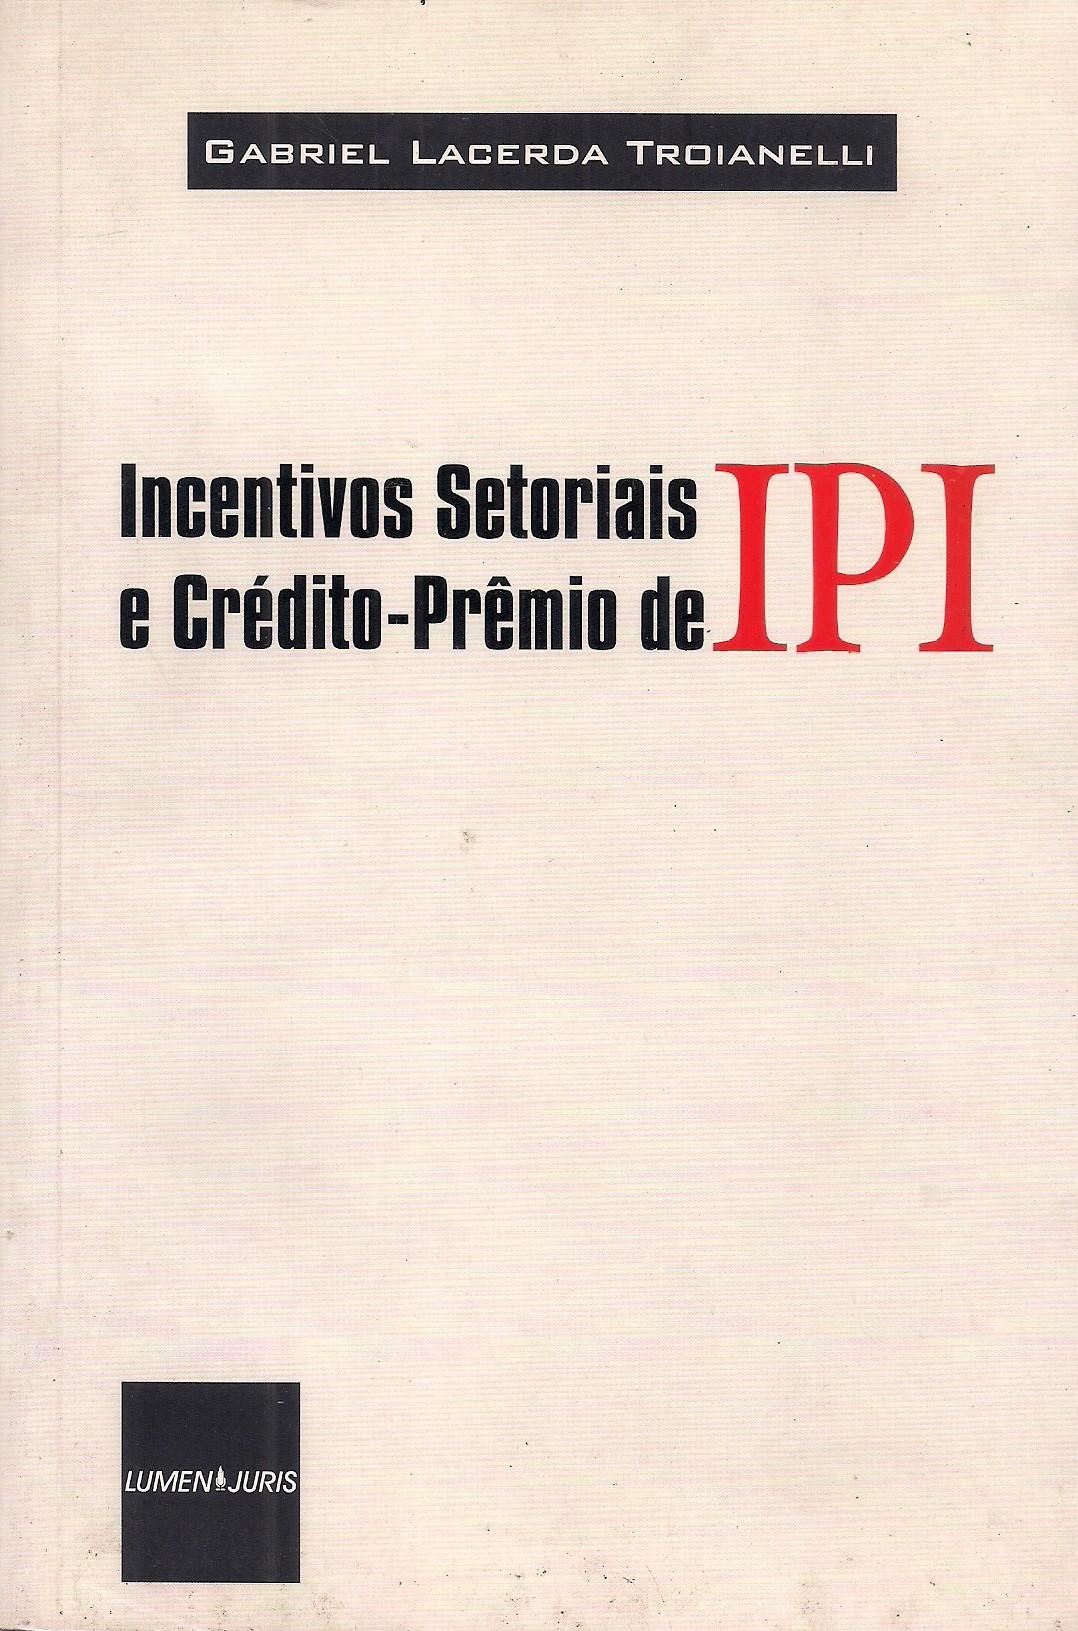 Foto 1 - Incentivos Setoriais e Crédito-prêmio de IPI